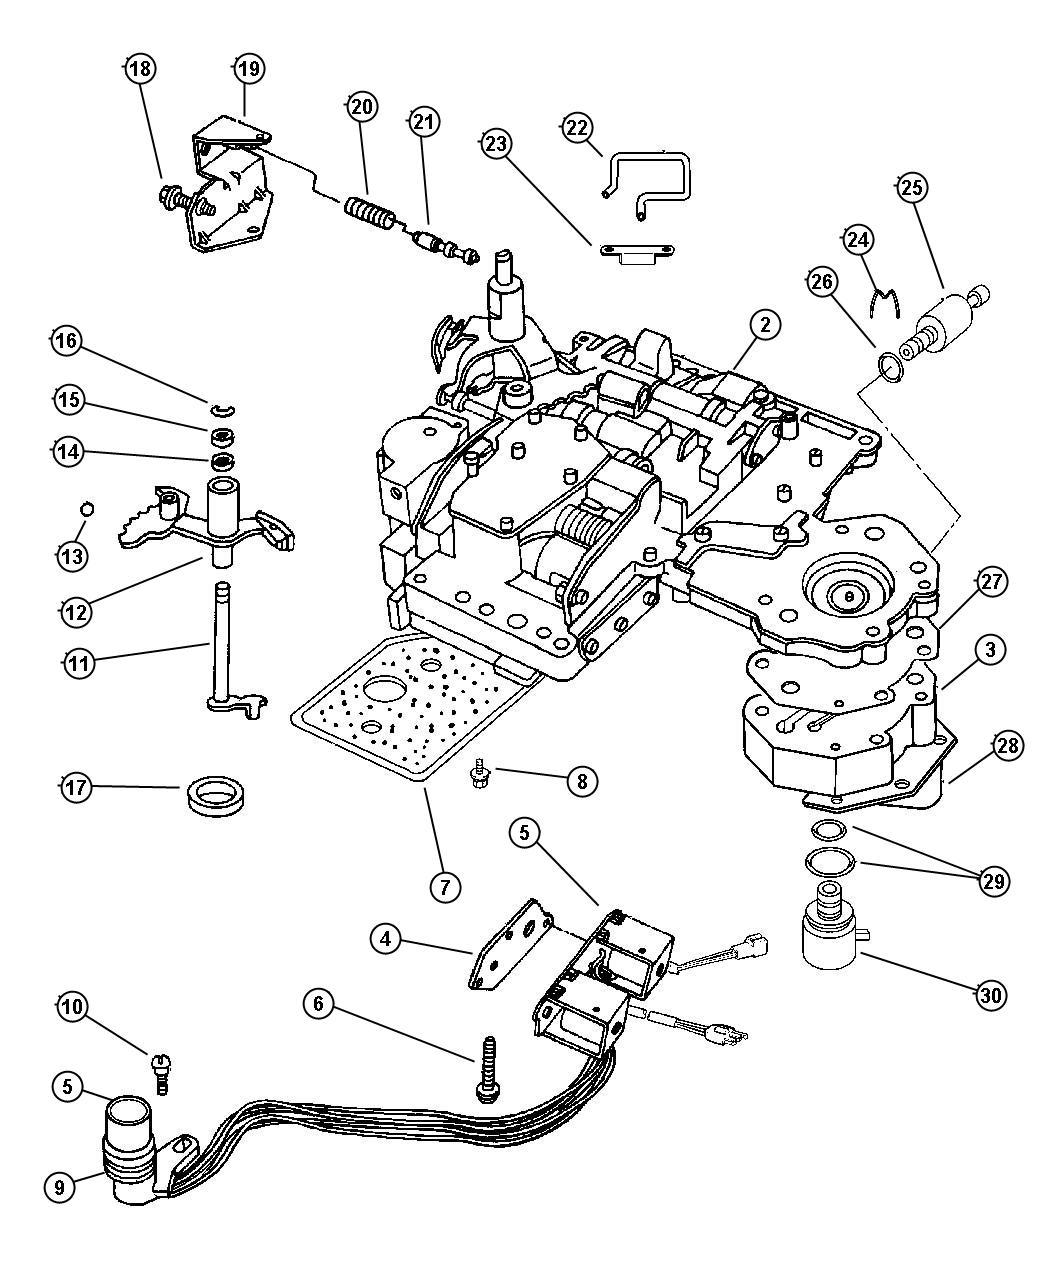 1996 Dodge Solenoid. Transmission overdrive. Prong